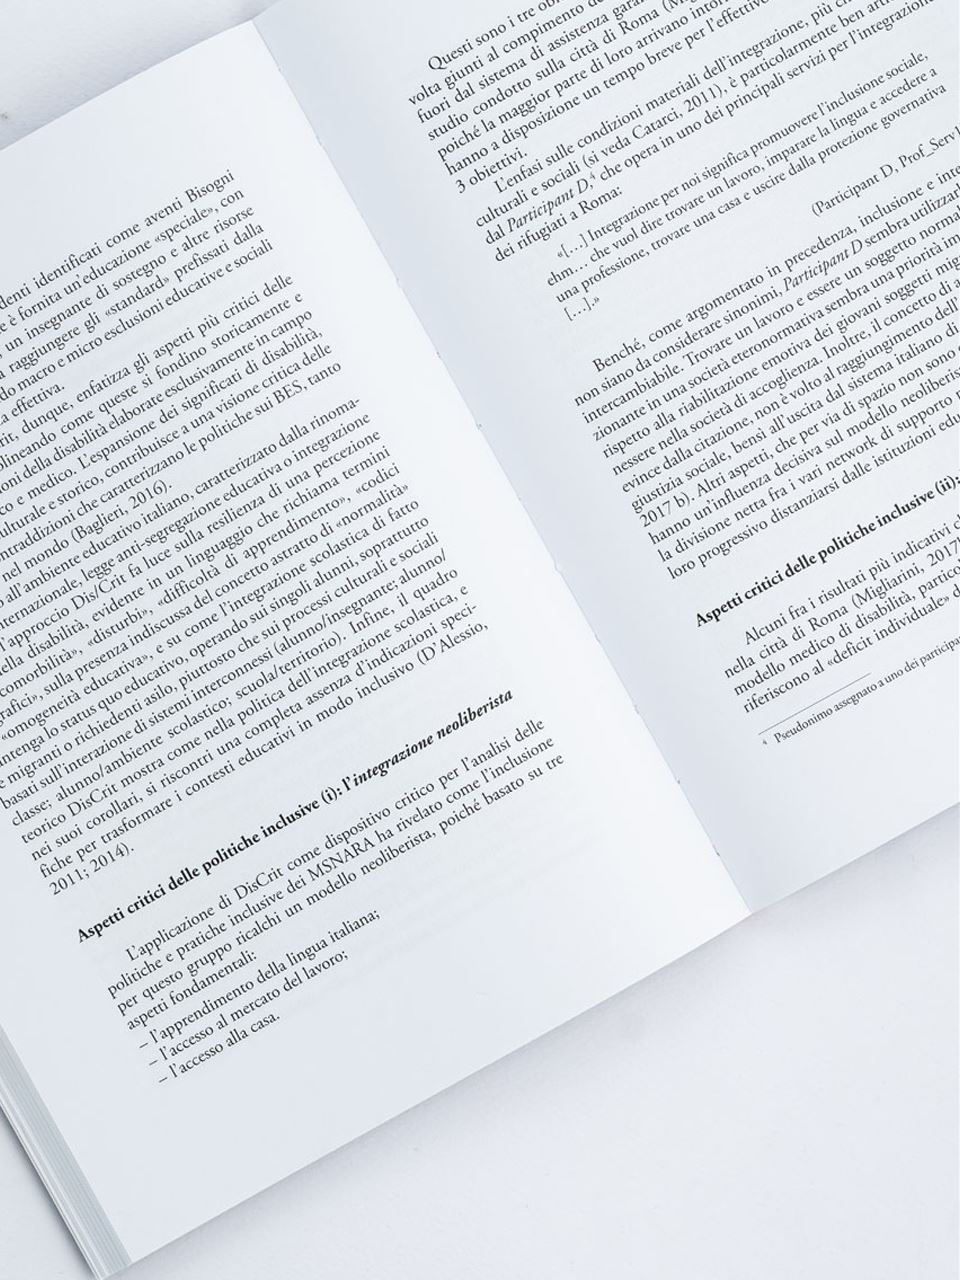 Disability Studies e inclusione - Libri - Erickson 2